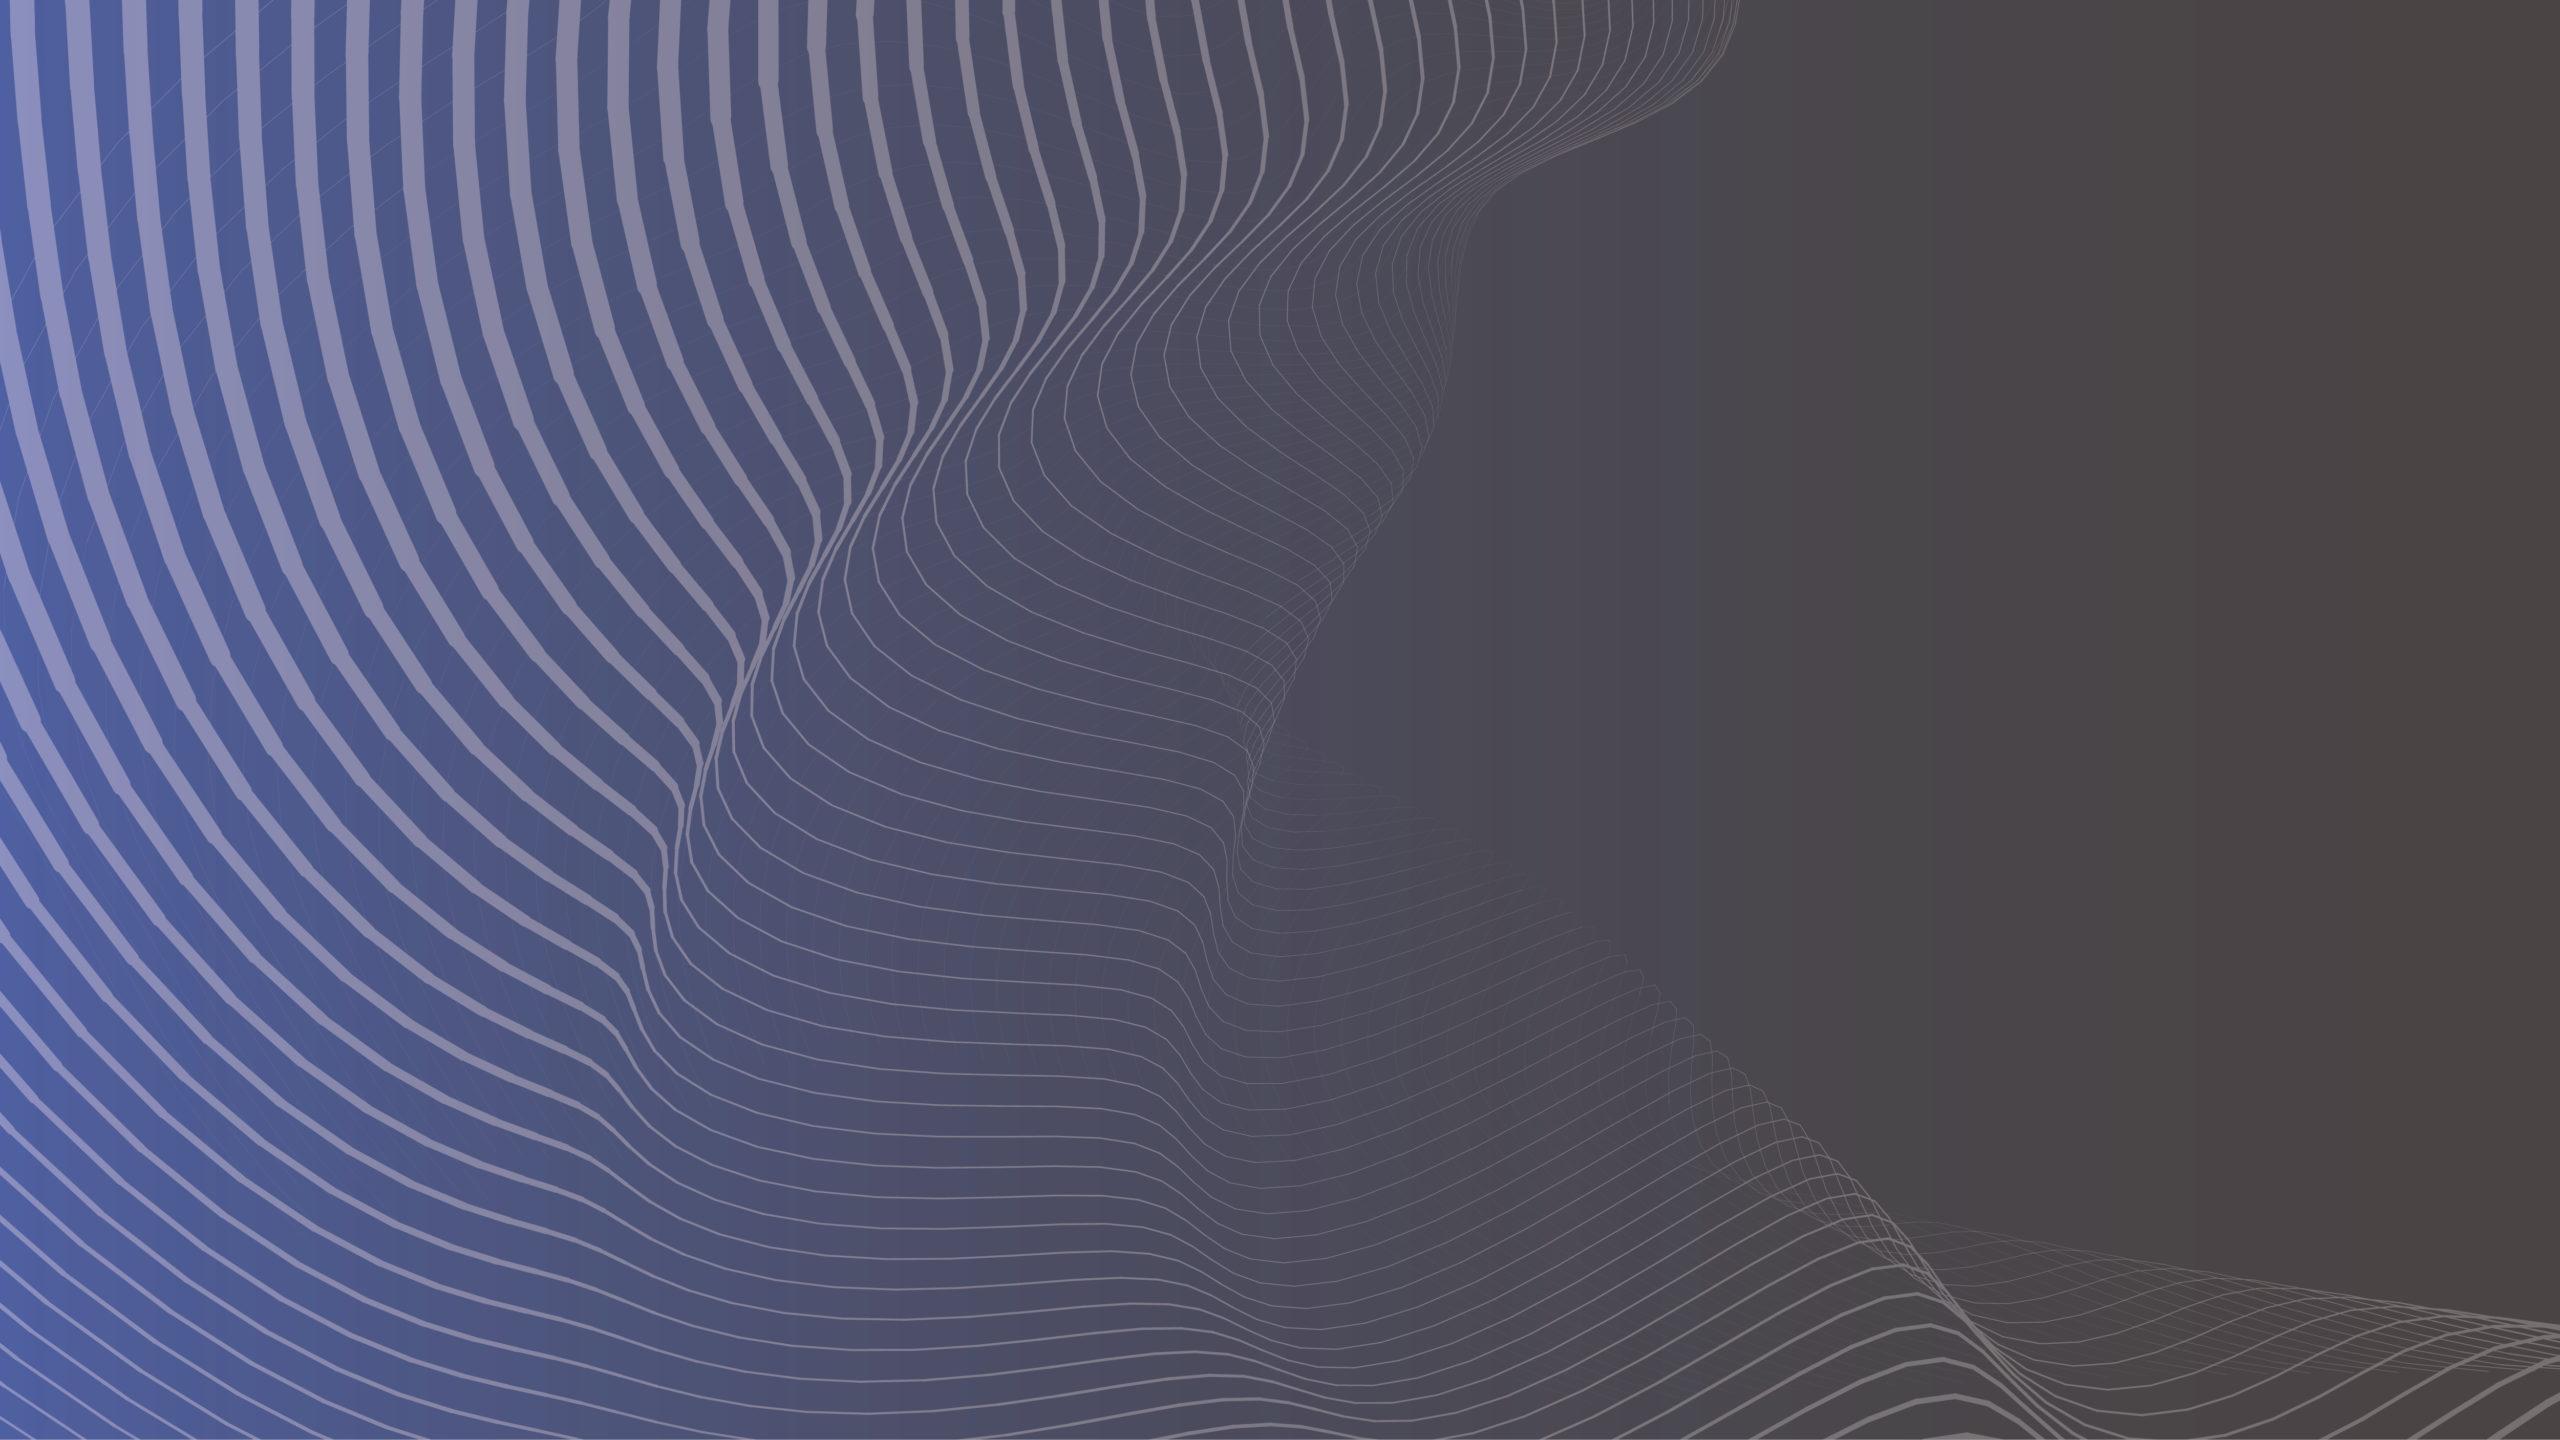 تصميم البيانات باستخدام فلوريش – المستوى الأول